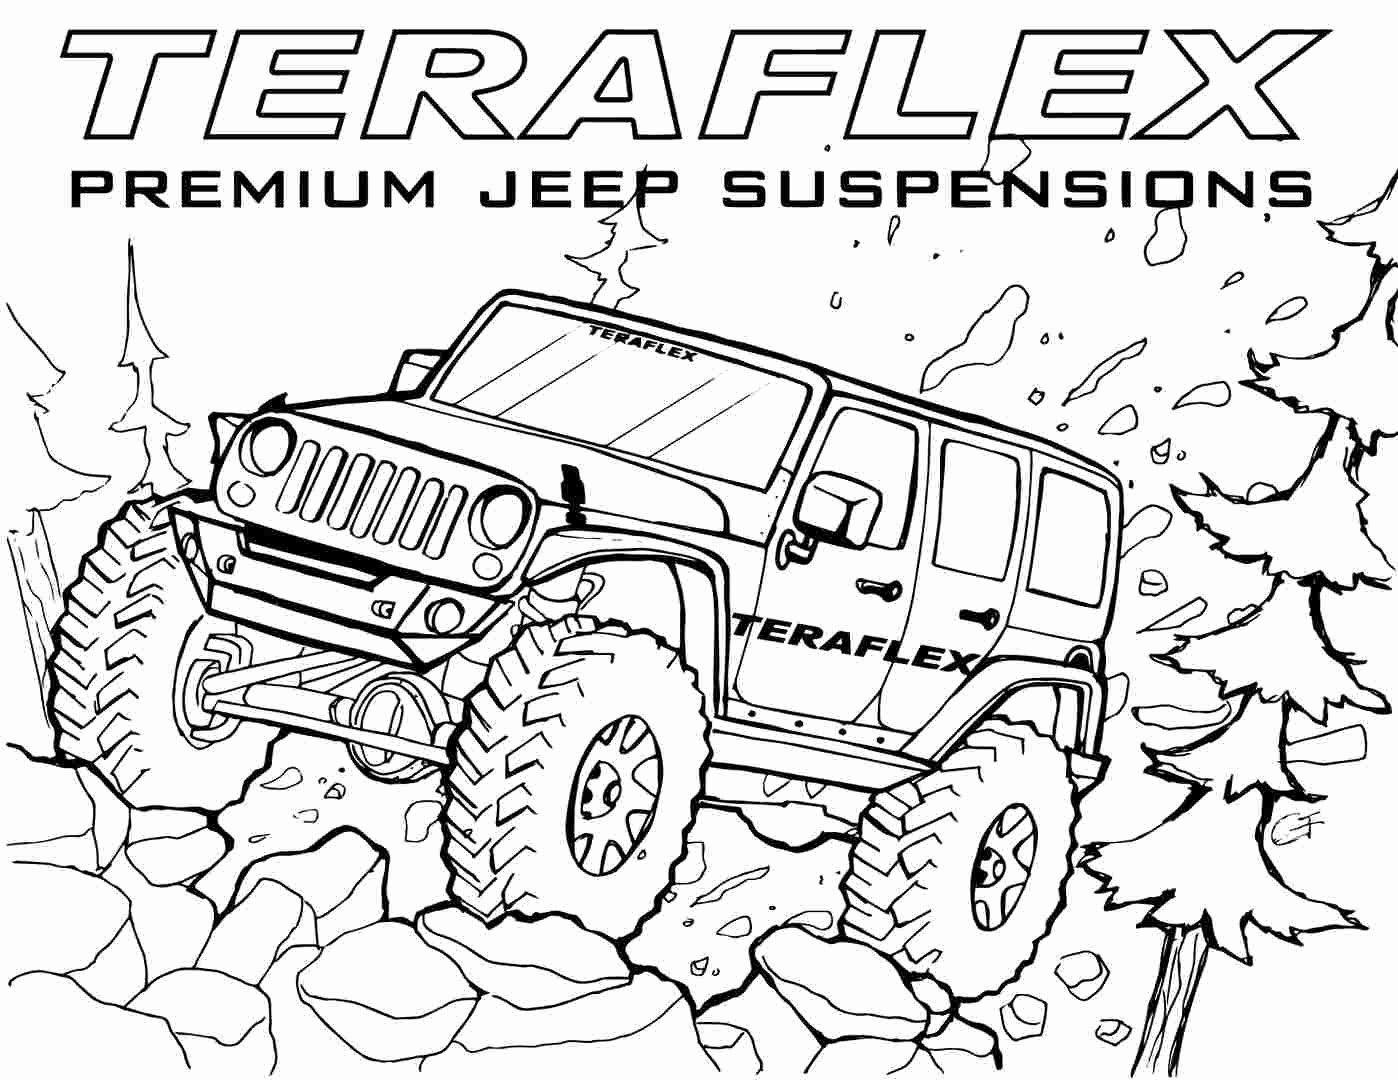 Die 10 besten Ideen zu Jeep Wrangler  jeep, coole jeeps